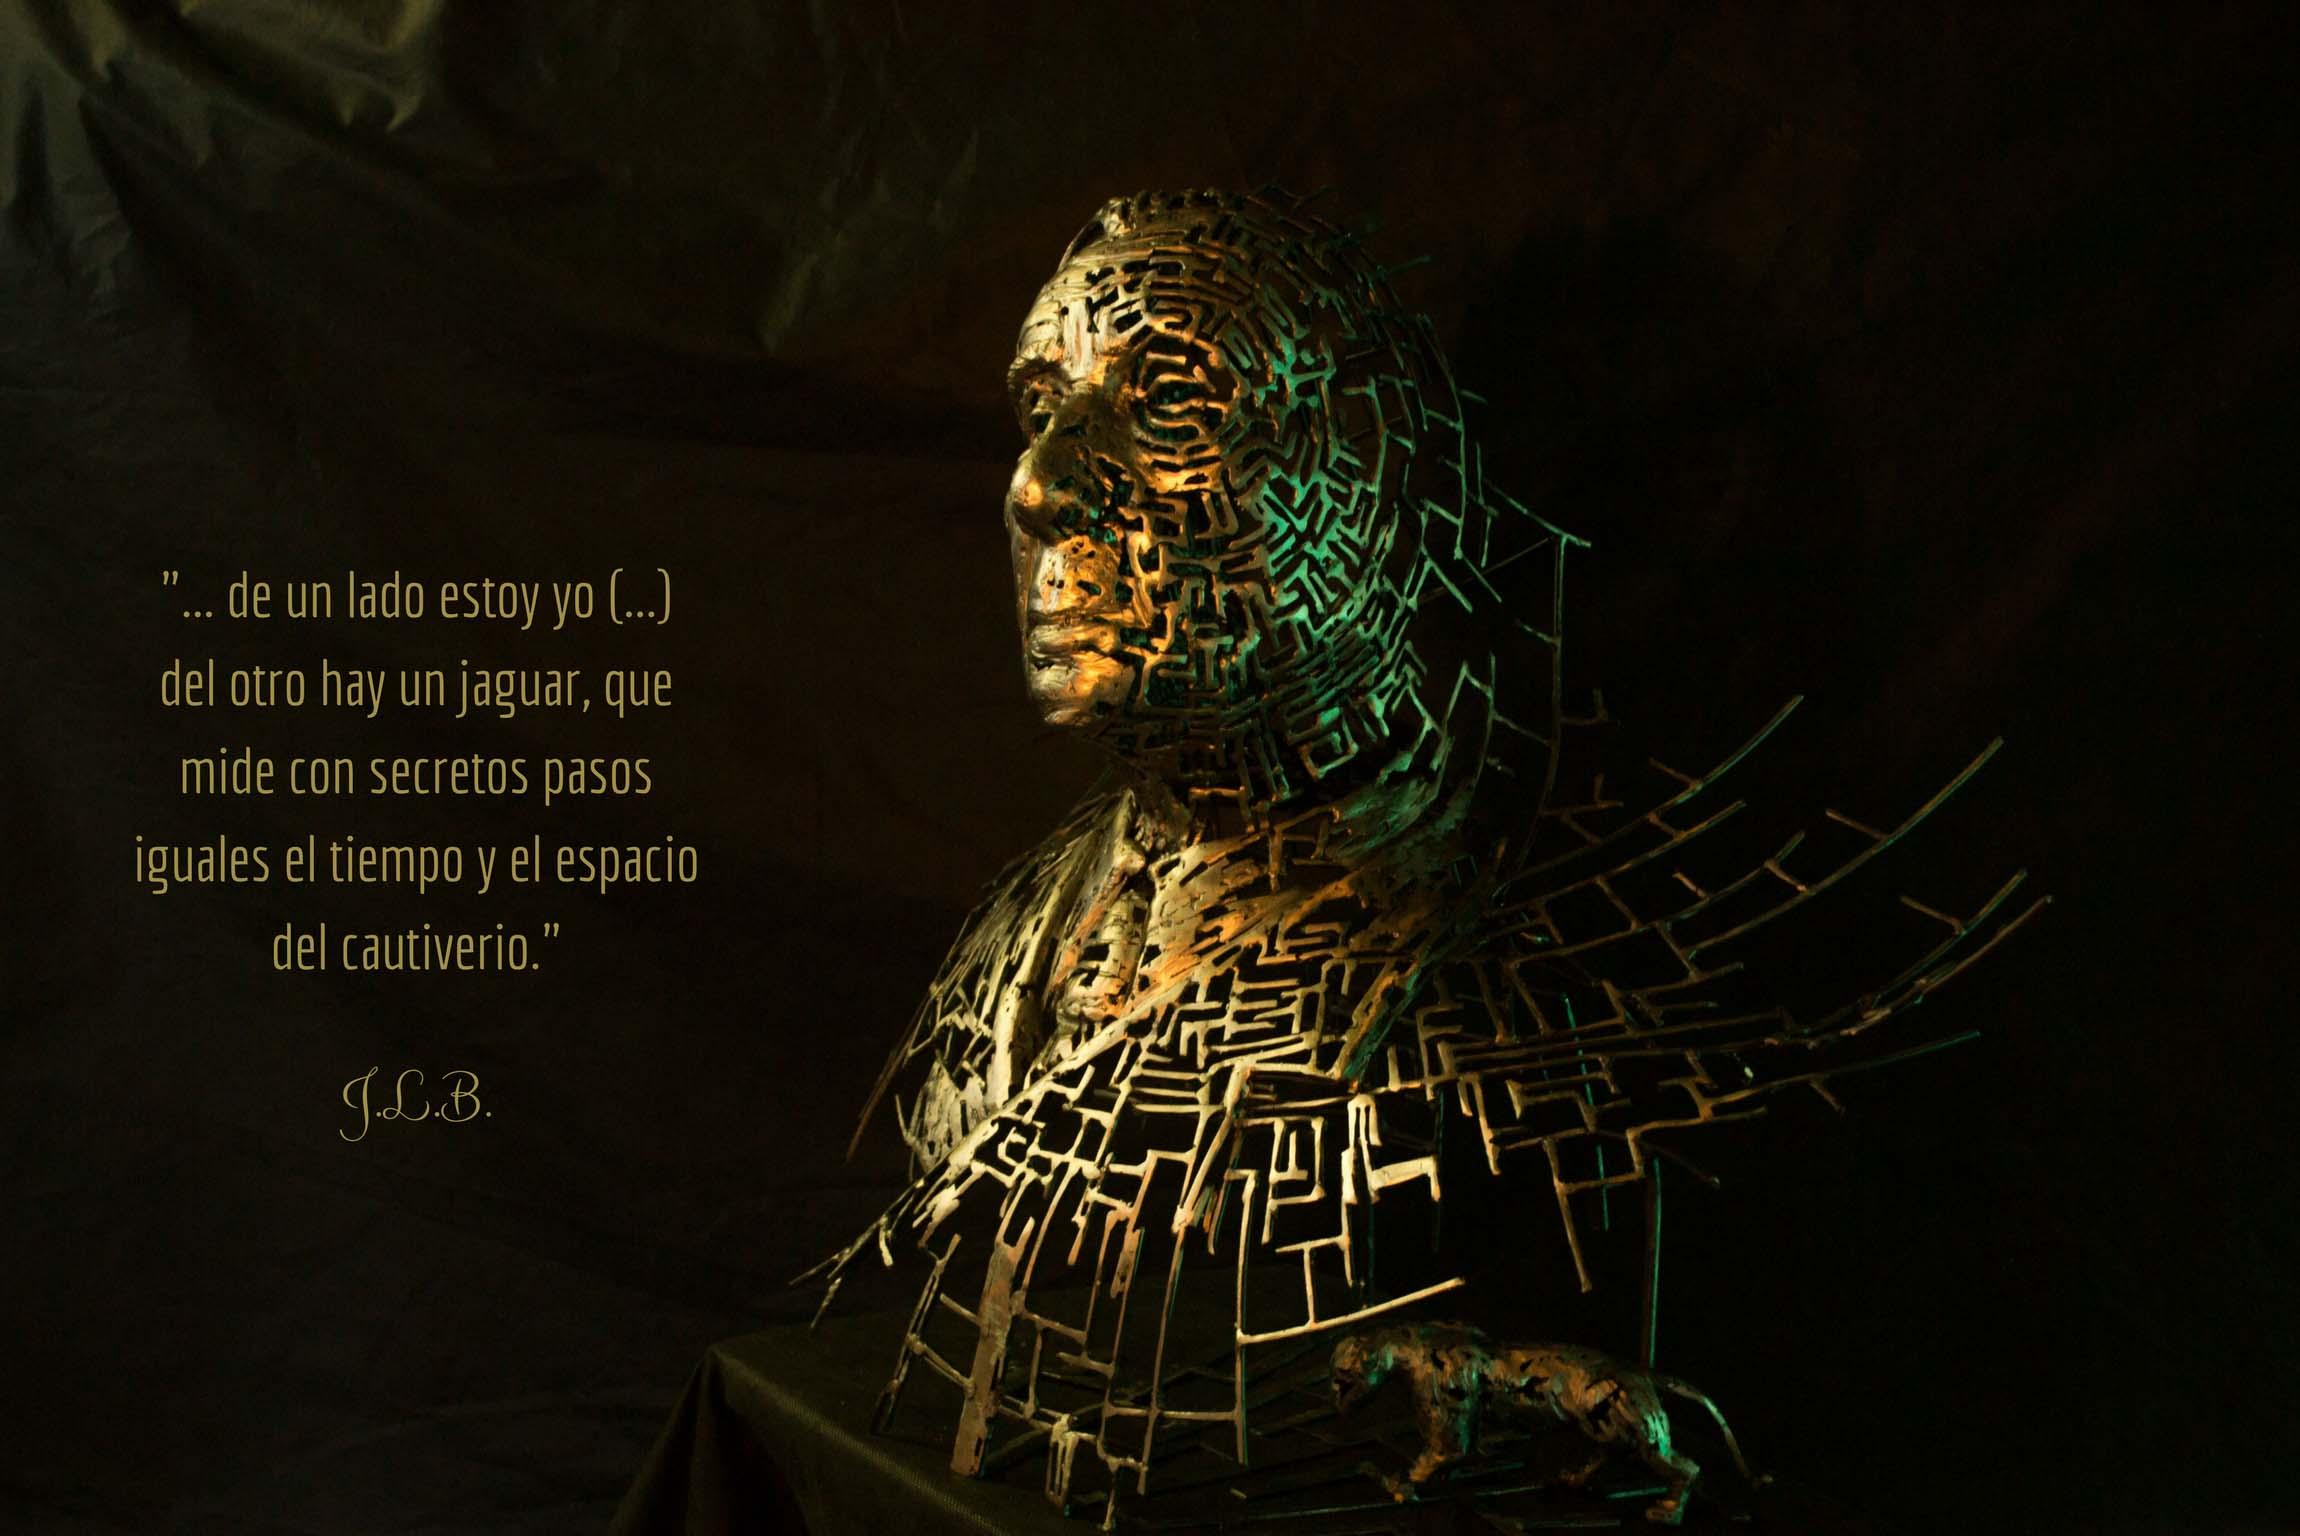 Destacada-borges-laberinto-escultura-metal-pablo-salvador-rocha